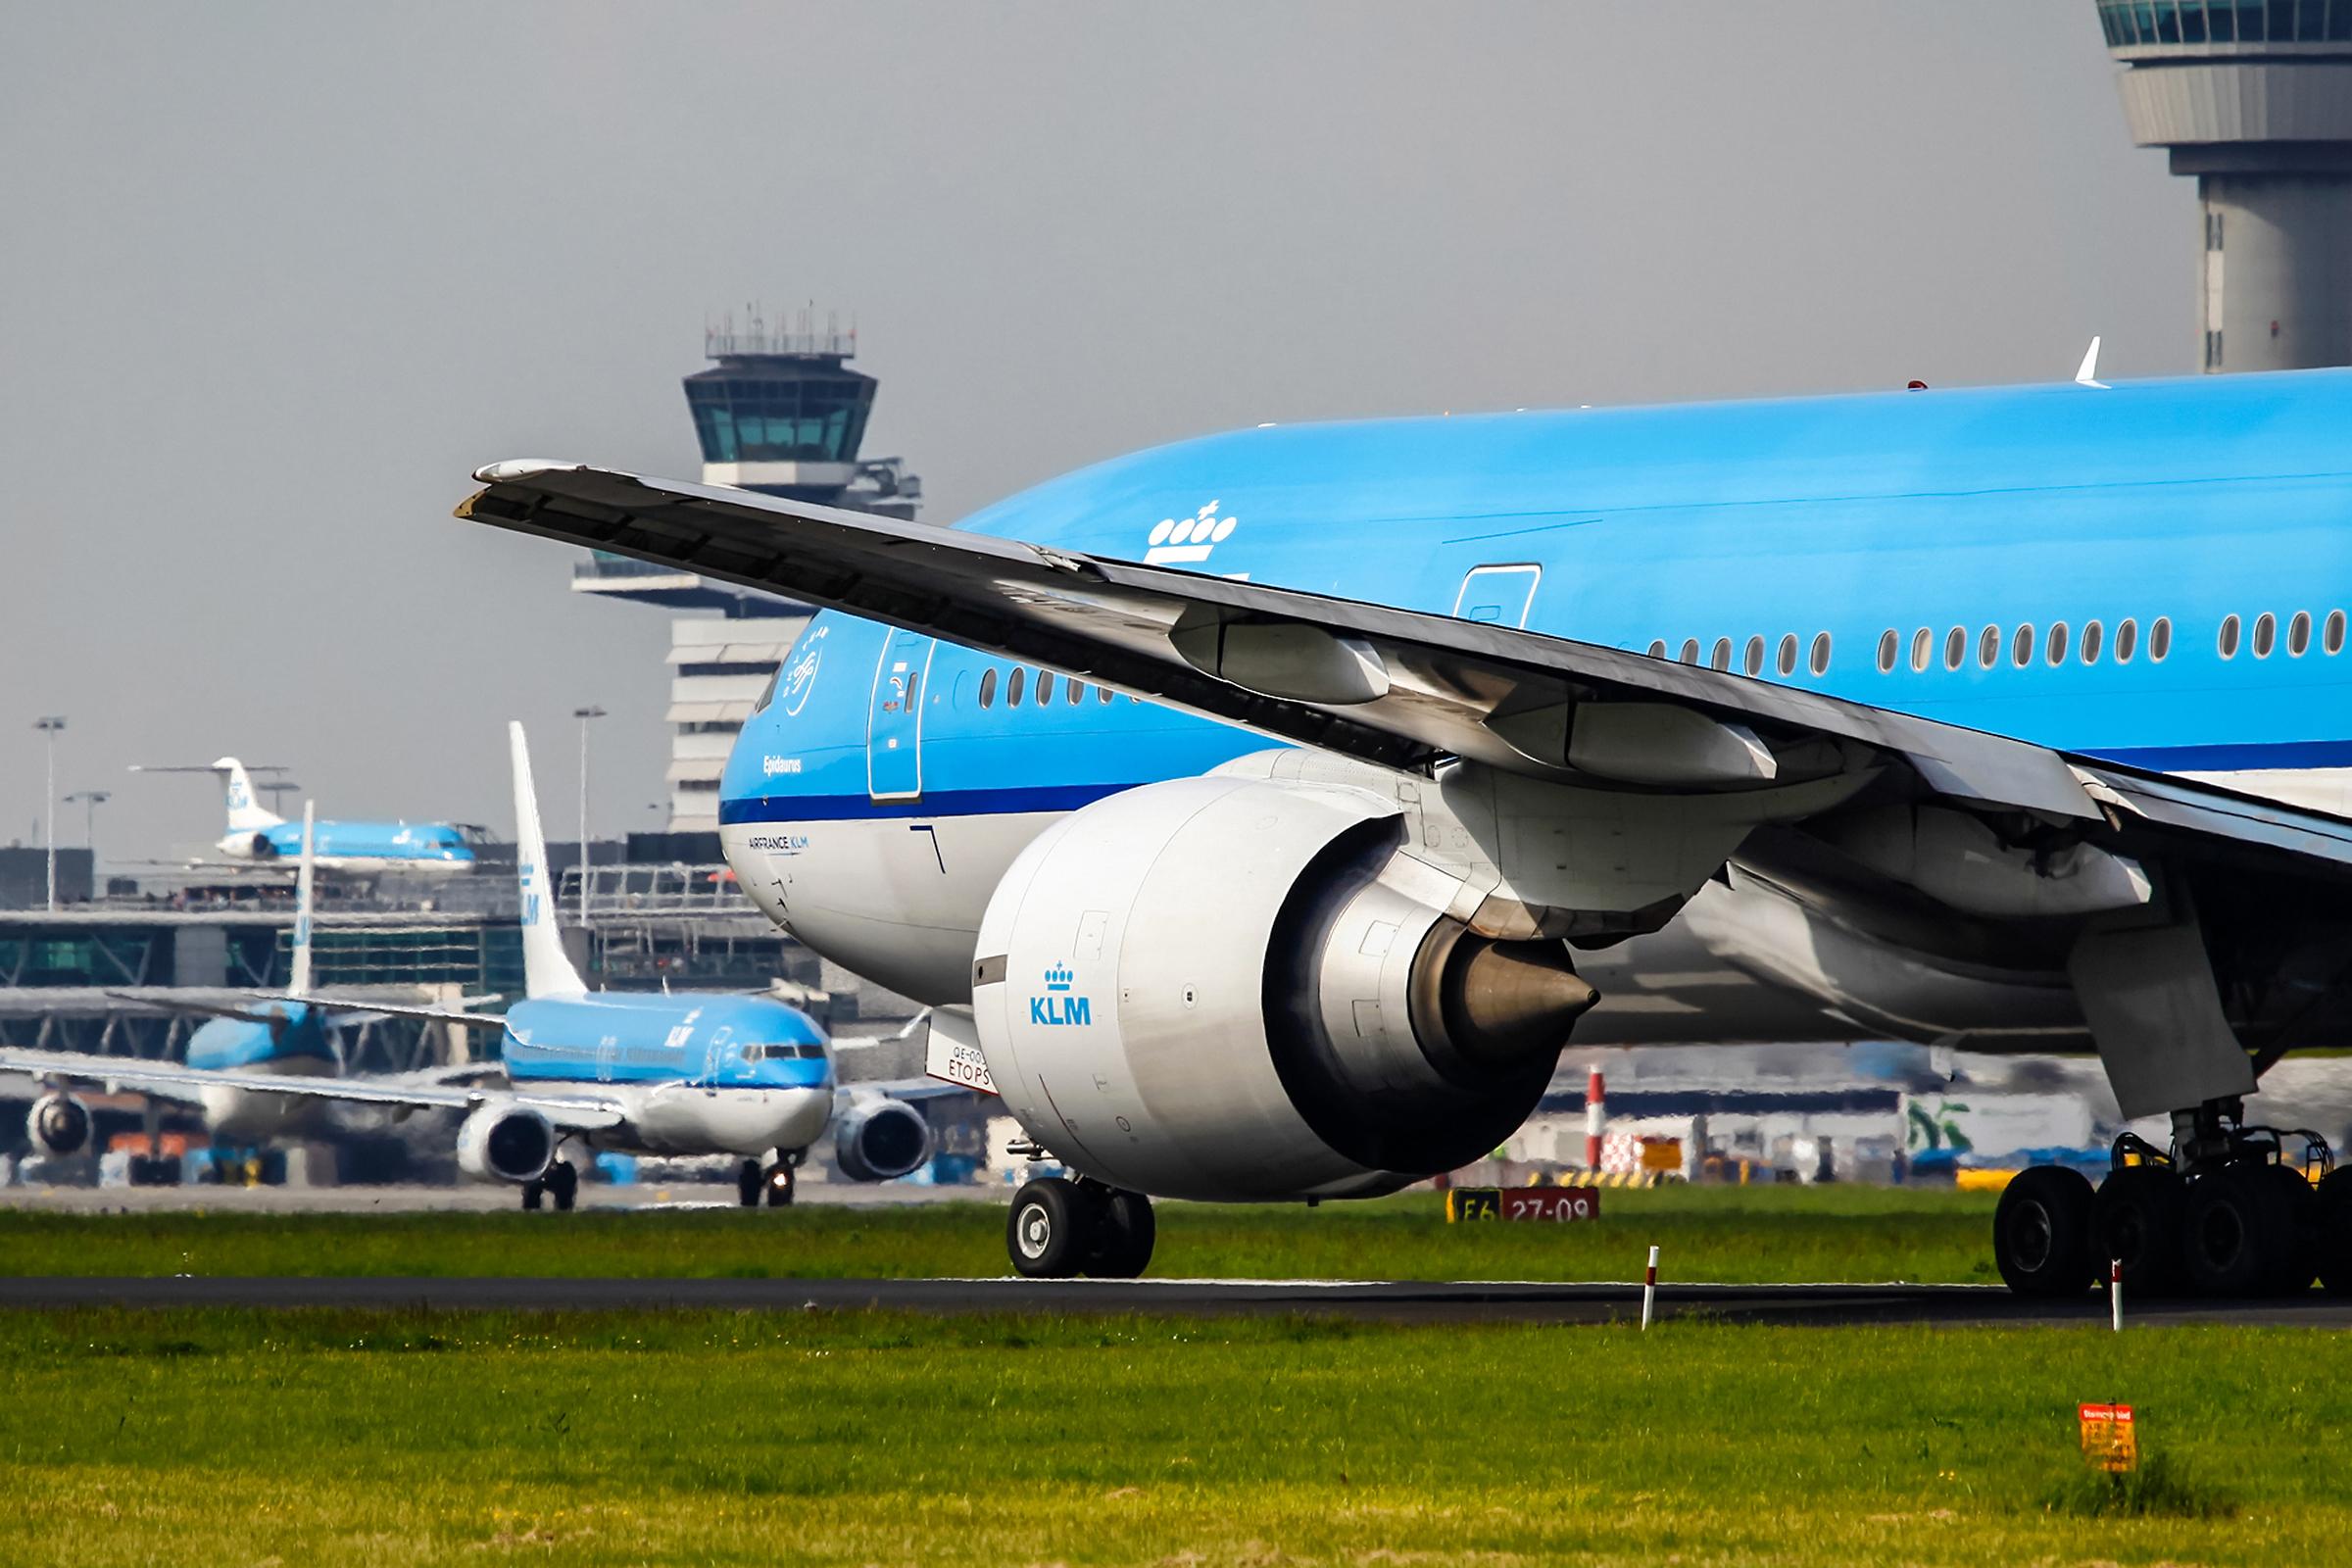 Boeing 777-200 fra KLM i Amsterdam-Schiphol Airport. (Foto: KLM)